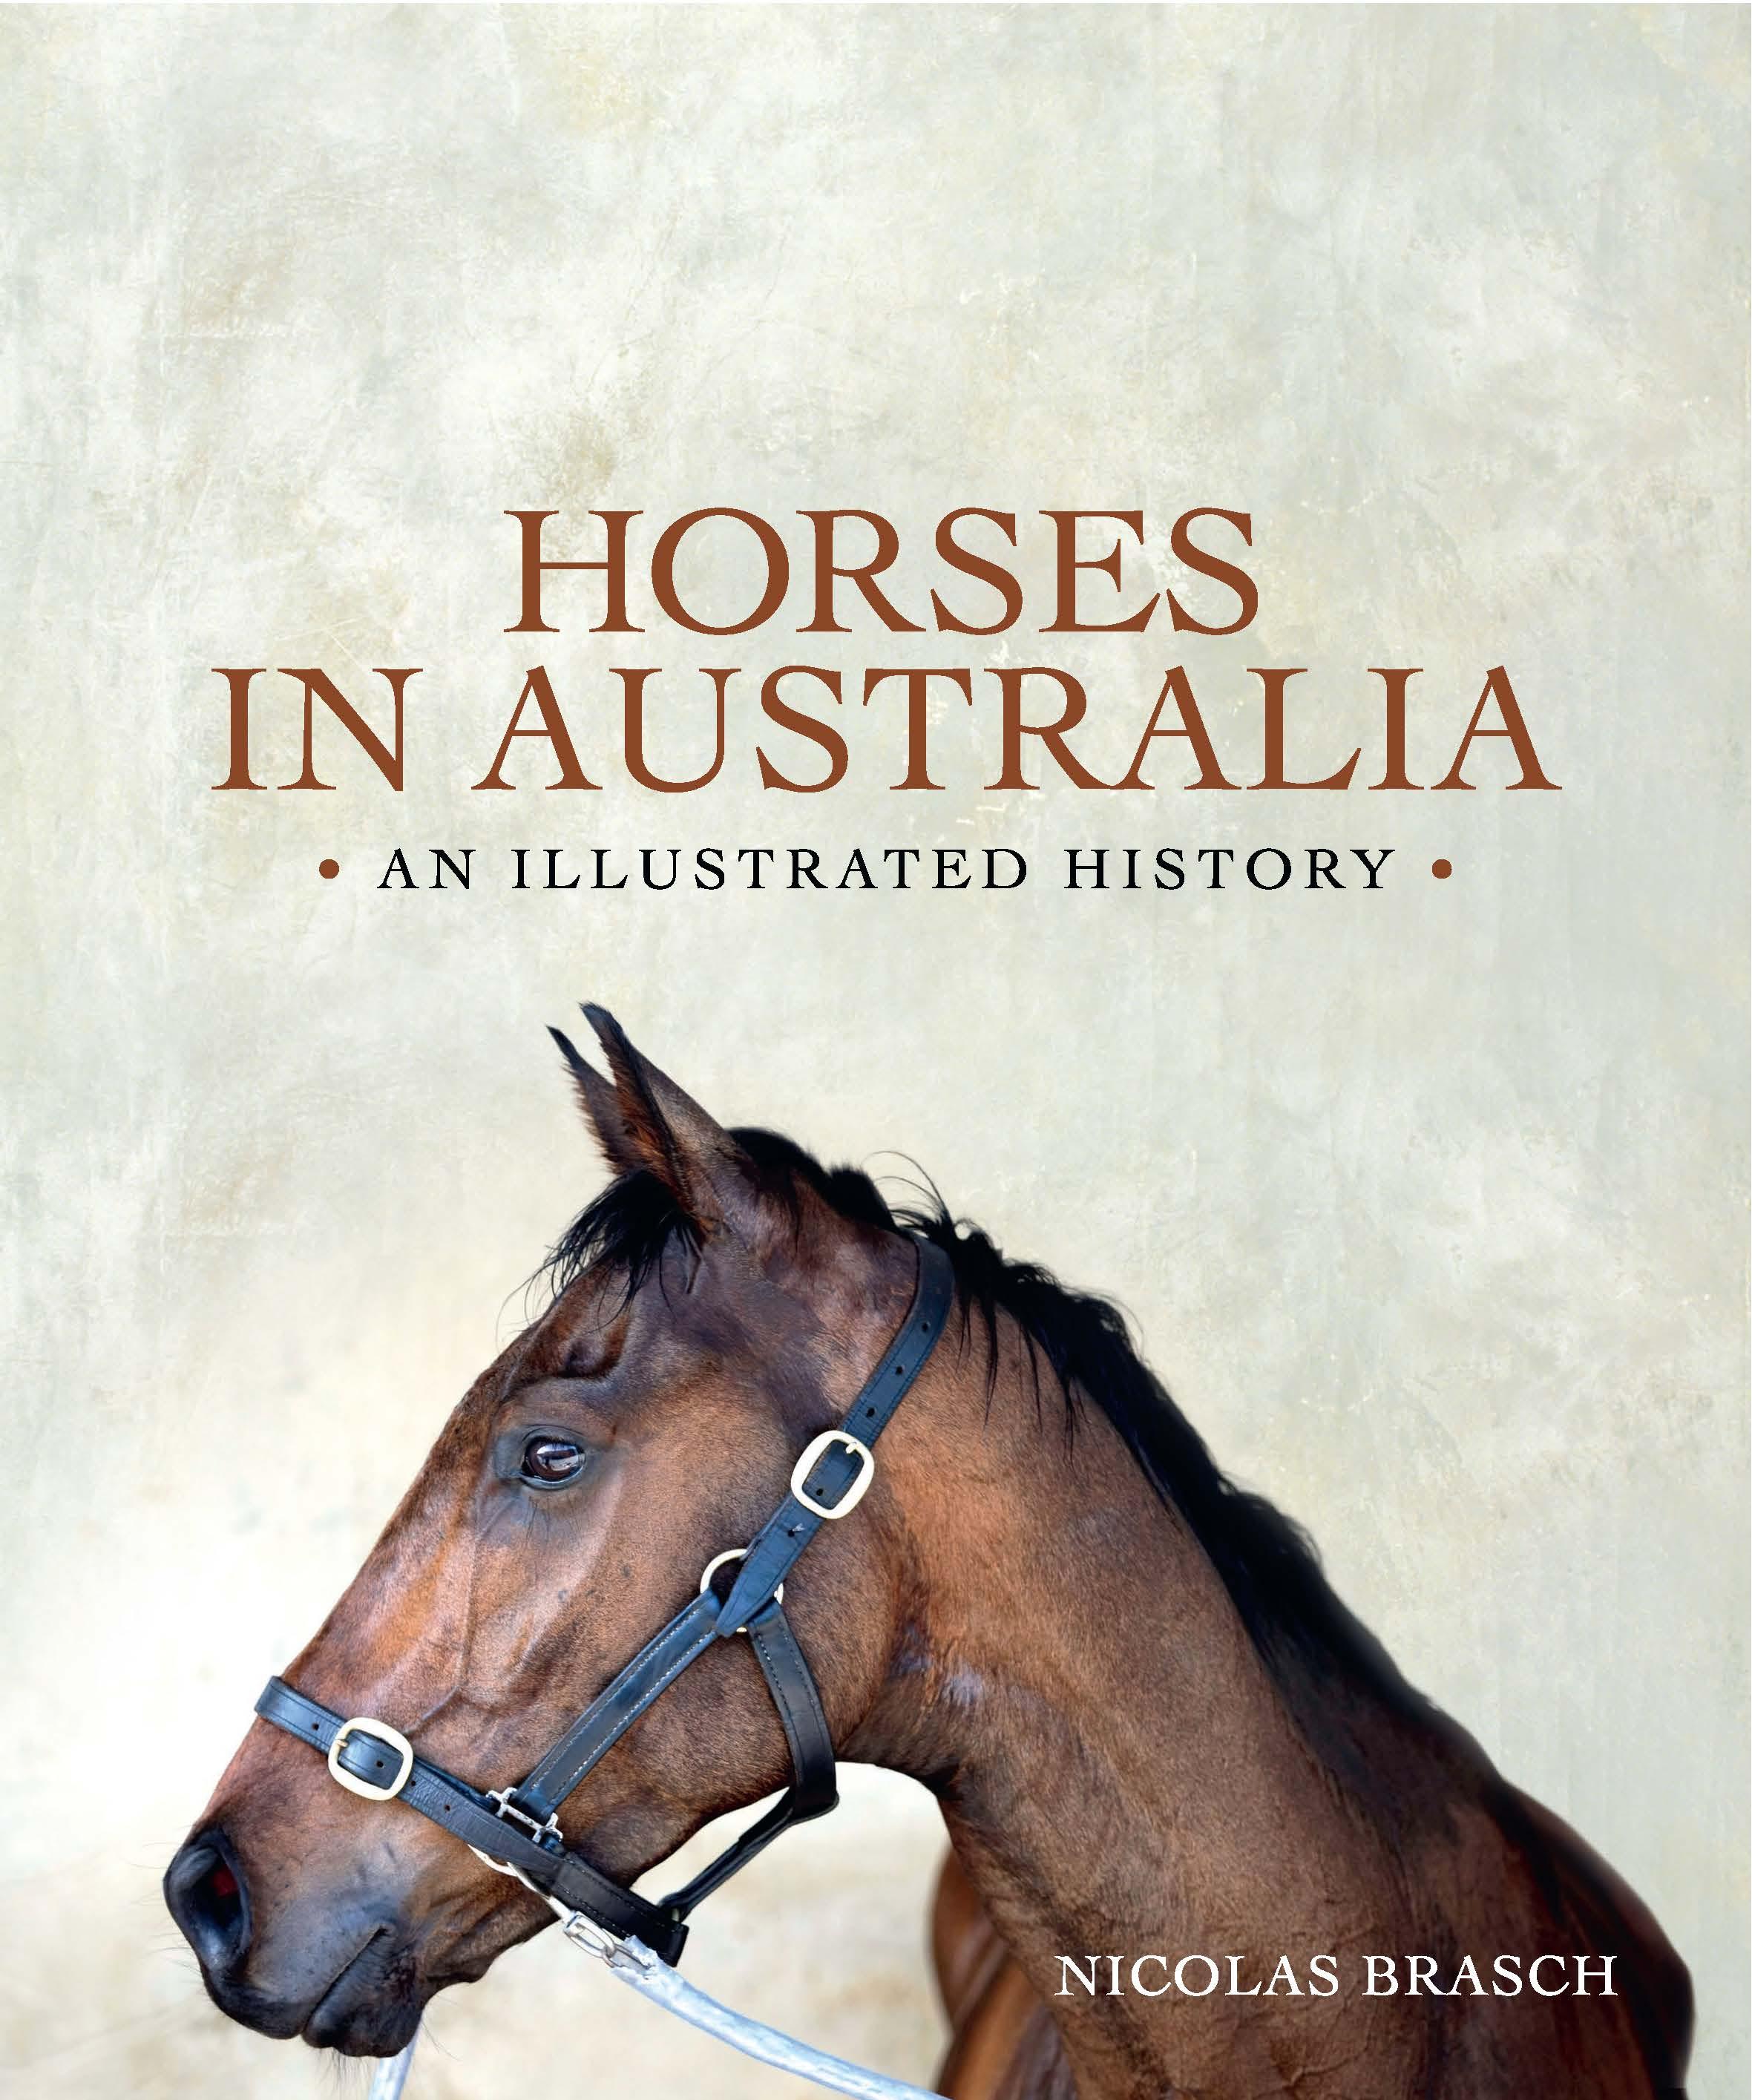 how to buy books in australia on amazon